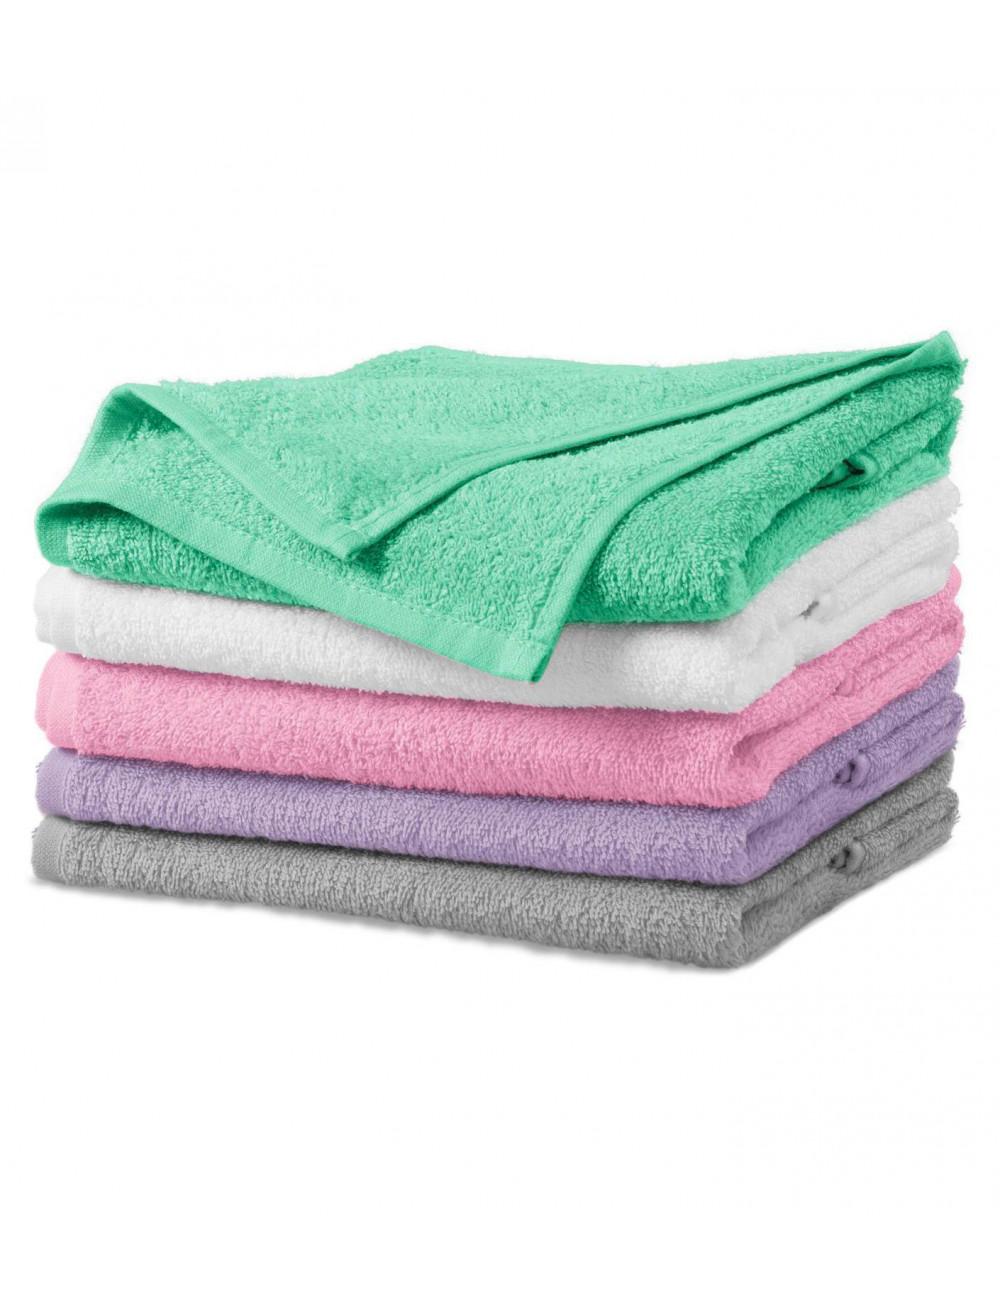 Adler MALFINI Ręcznik unisex Terry Towel 908 różowy